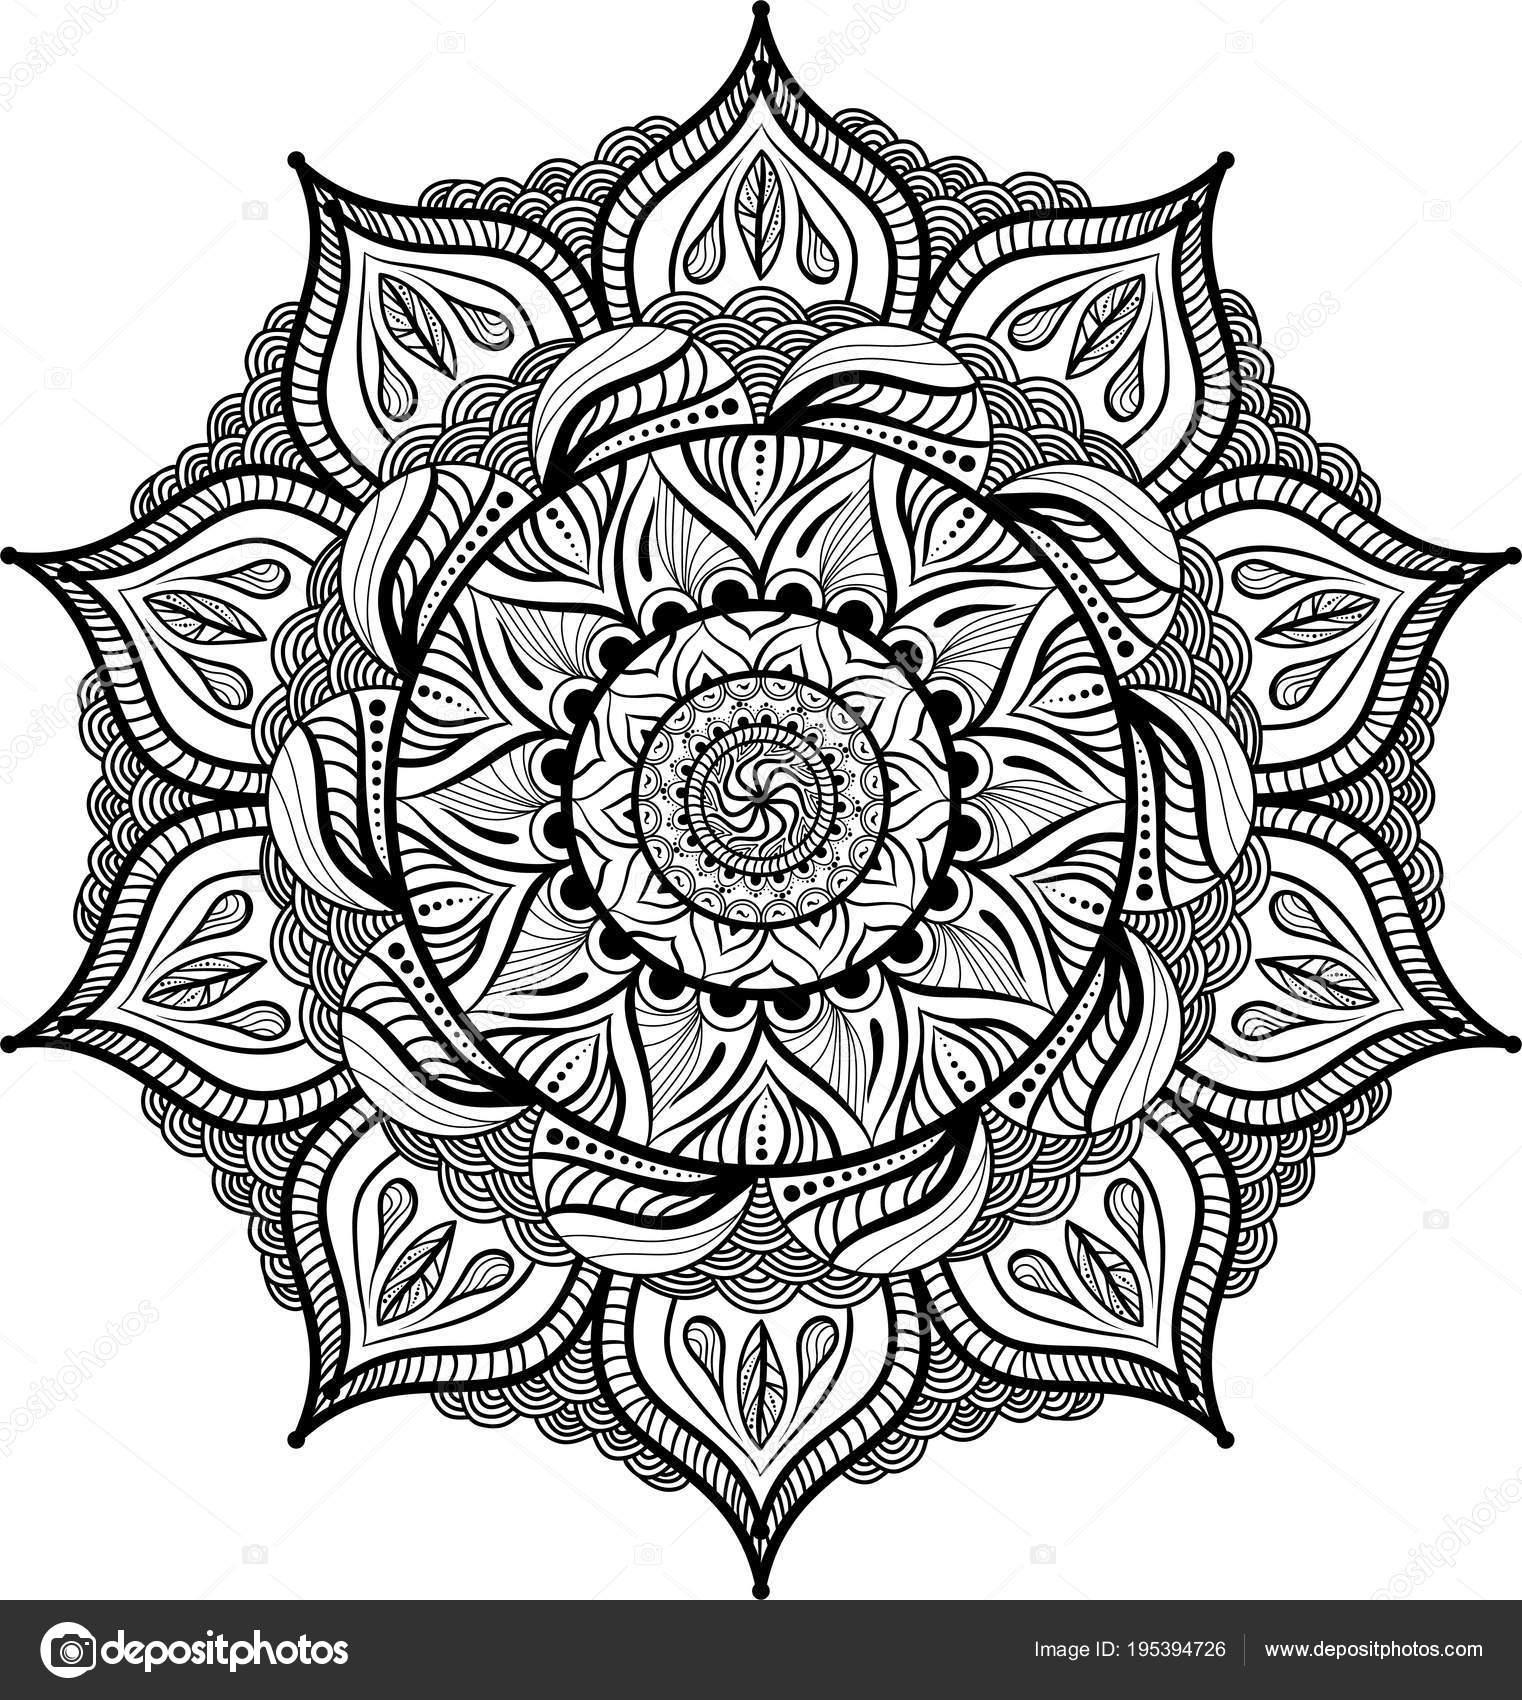 Beyaz Arka Plan üzerinde Dairesel Simetrik Mandala Kitap Boyama